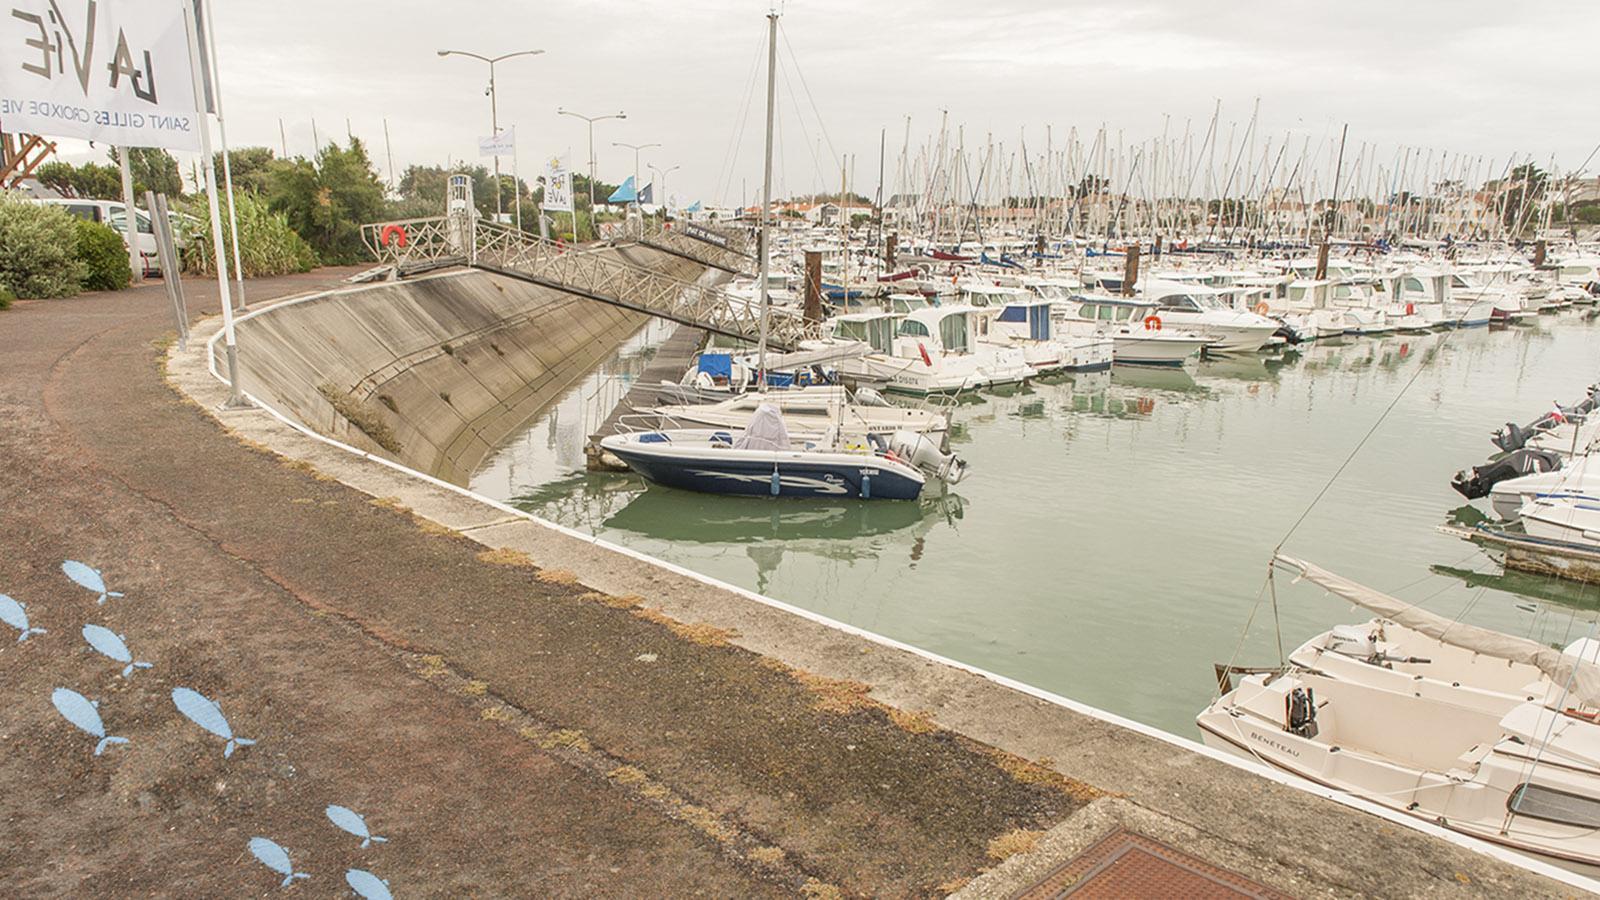 Der Stadtrundweg auf den Spuren der Sardine führt auch am Sportboothafen vorbei. Foto: Hilke Maunder